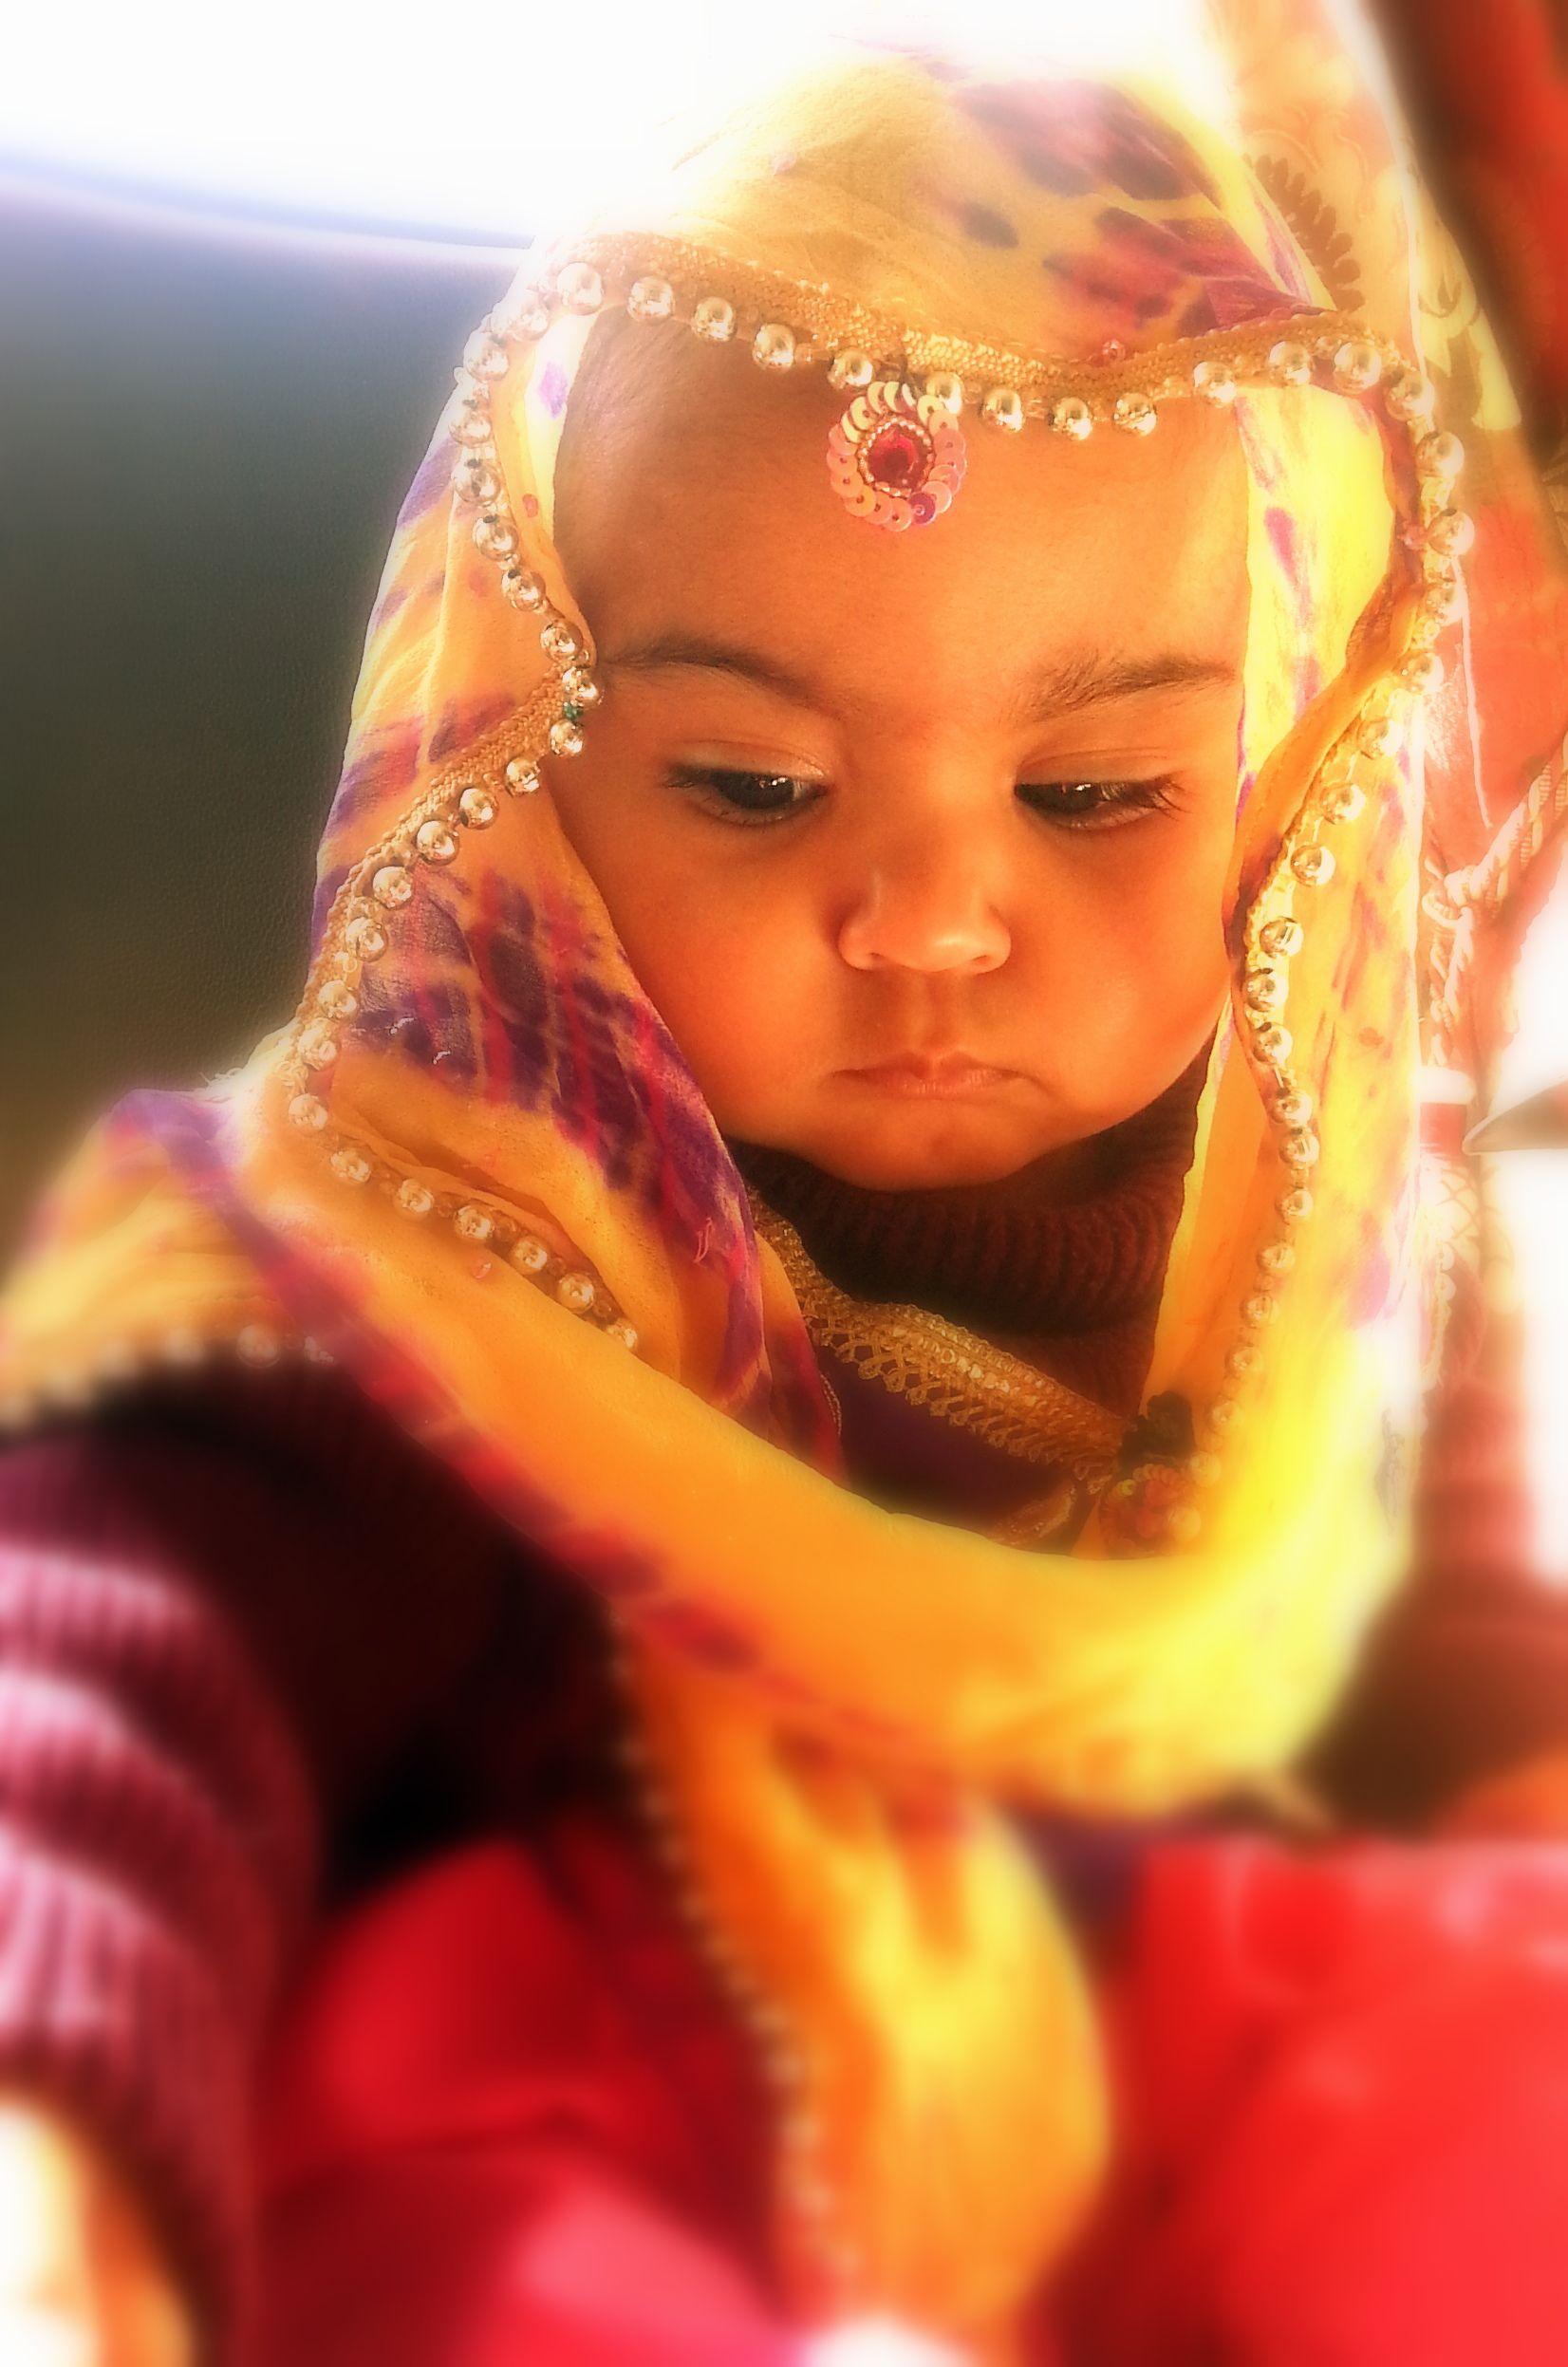 punjabi baby girl   punjabi girl   pinterest   punjabi girls, girls